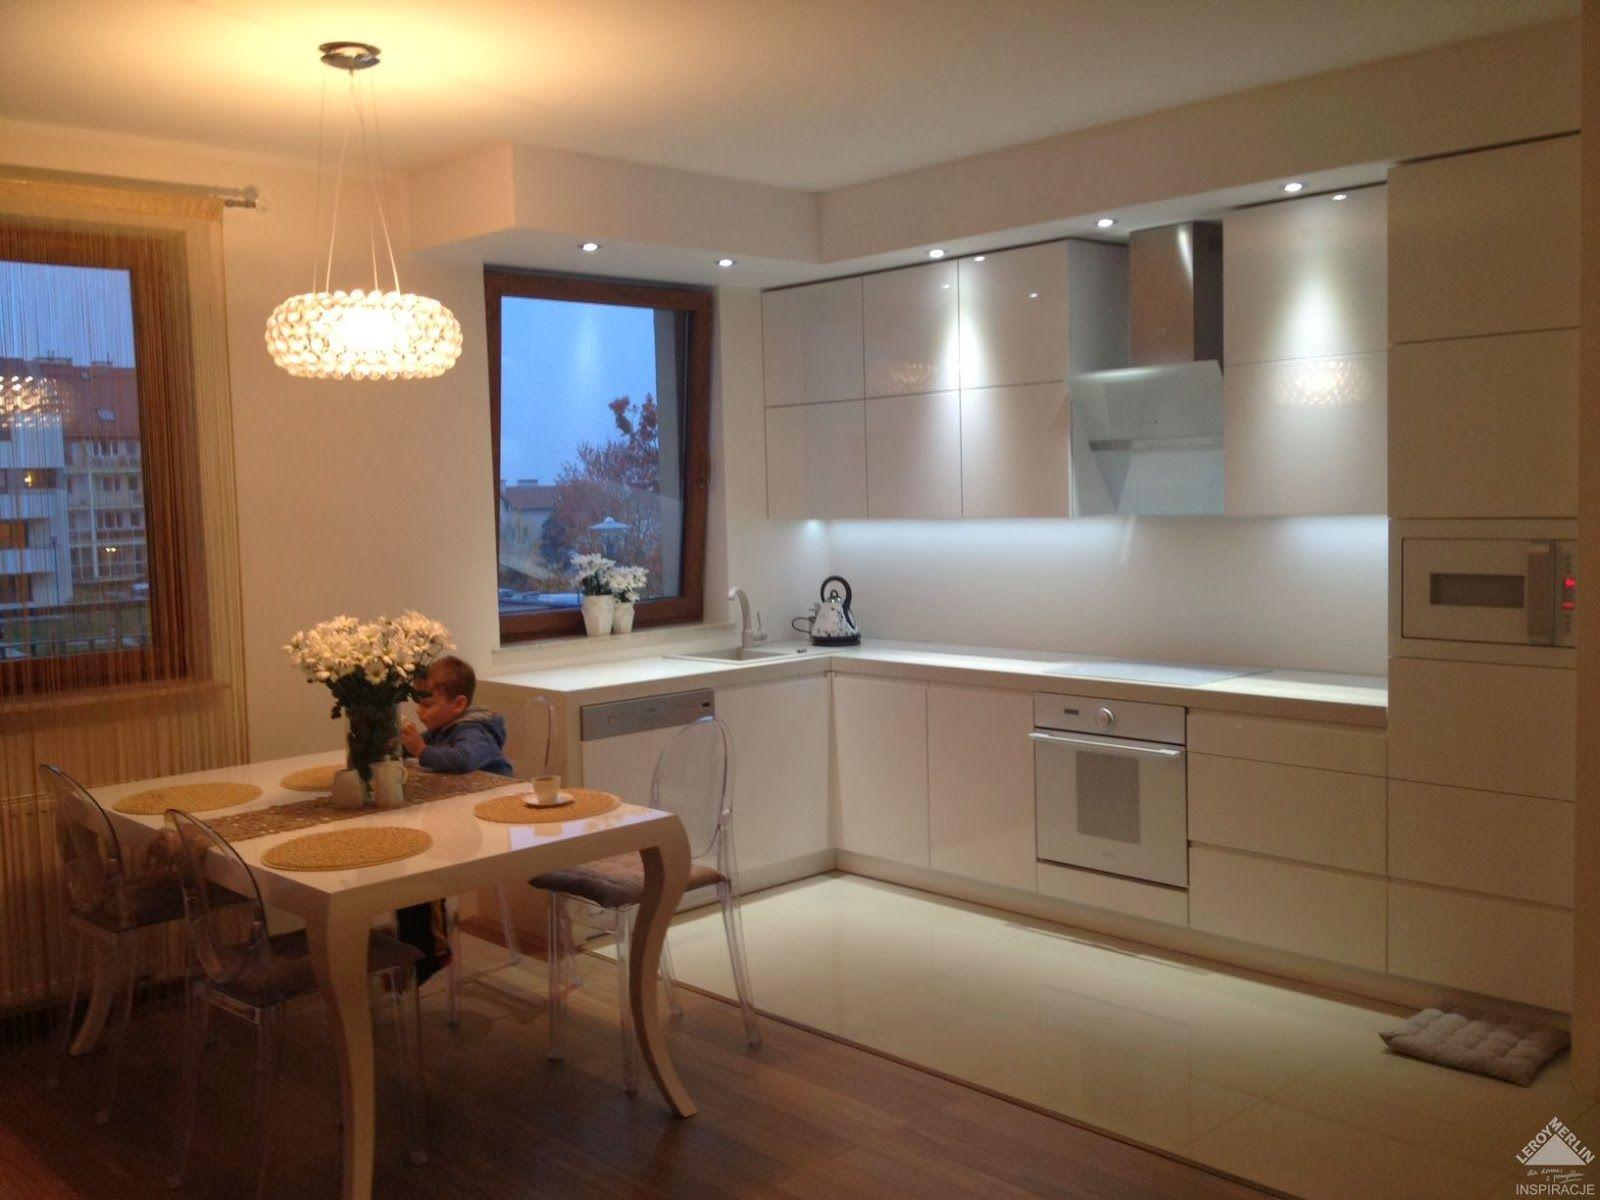 Nowoczesna Kuchnia W Bloku Szukaj W Google House Home Decor Corner Bathtub